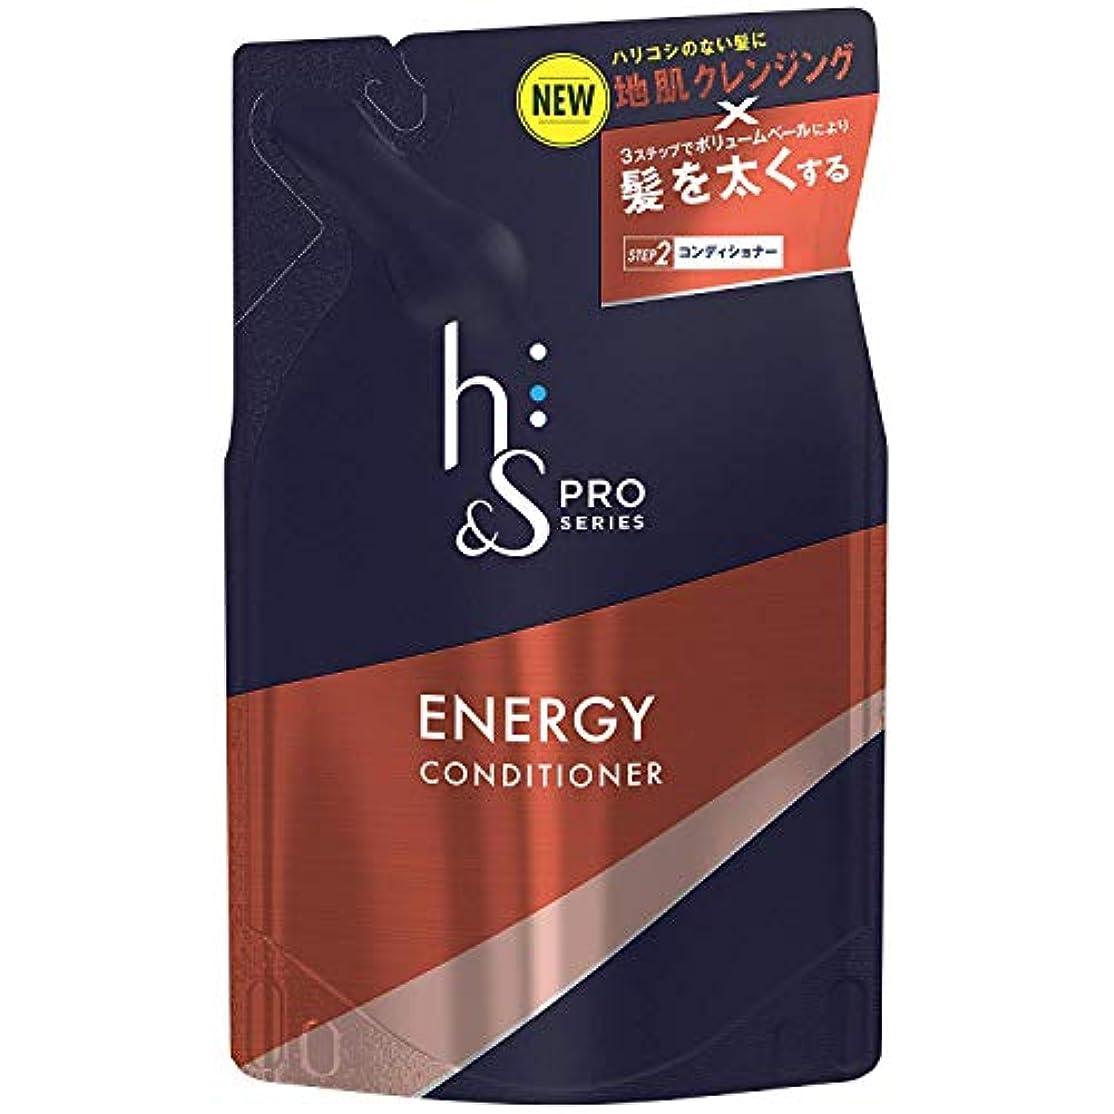 スムーズにブレイズバッテリー【3個セット】h&s PRO (エイチアンドエス プロ) メンズ コンディショナー エナジー 詰め替え (ボリューム重視) 300g